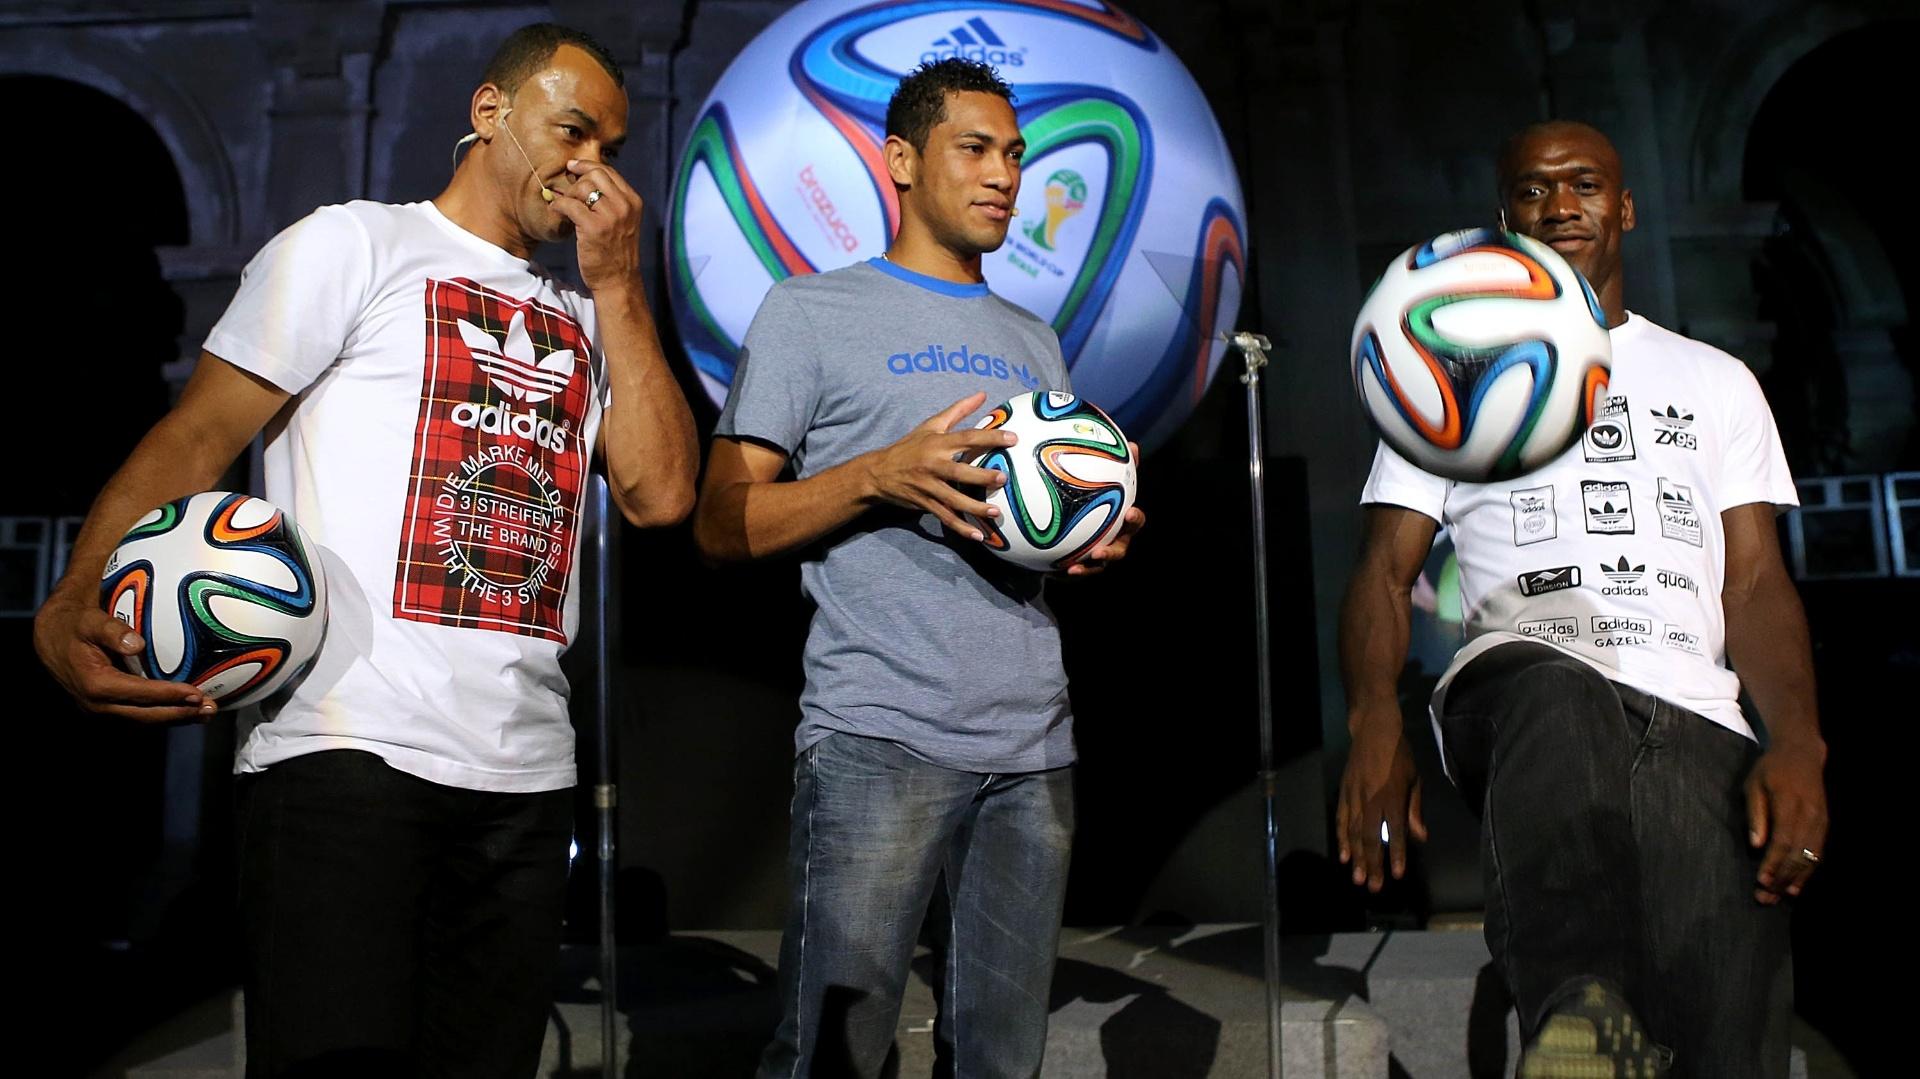 03.dez.2013 - Seedorf faz embaixadinha com a Brazuca, bola da Copa do Mundo de 2014, em evento no Rio de Janeiro